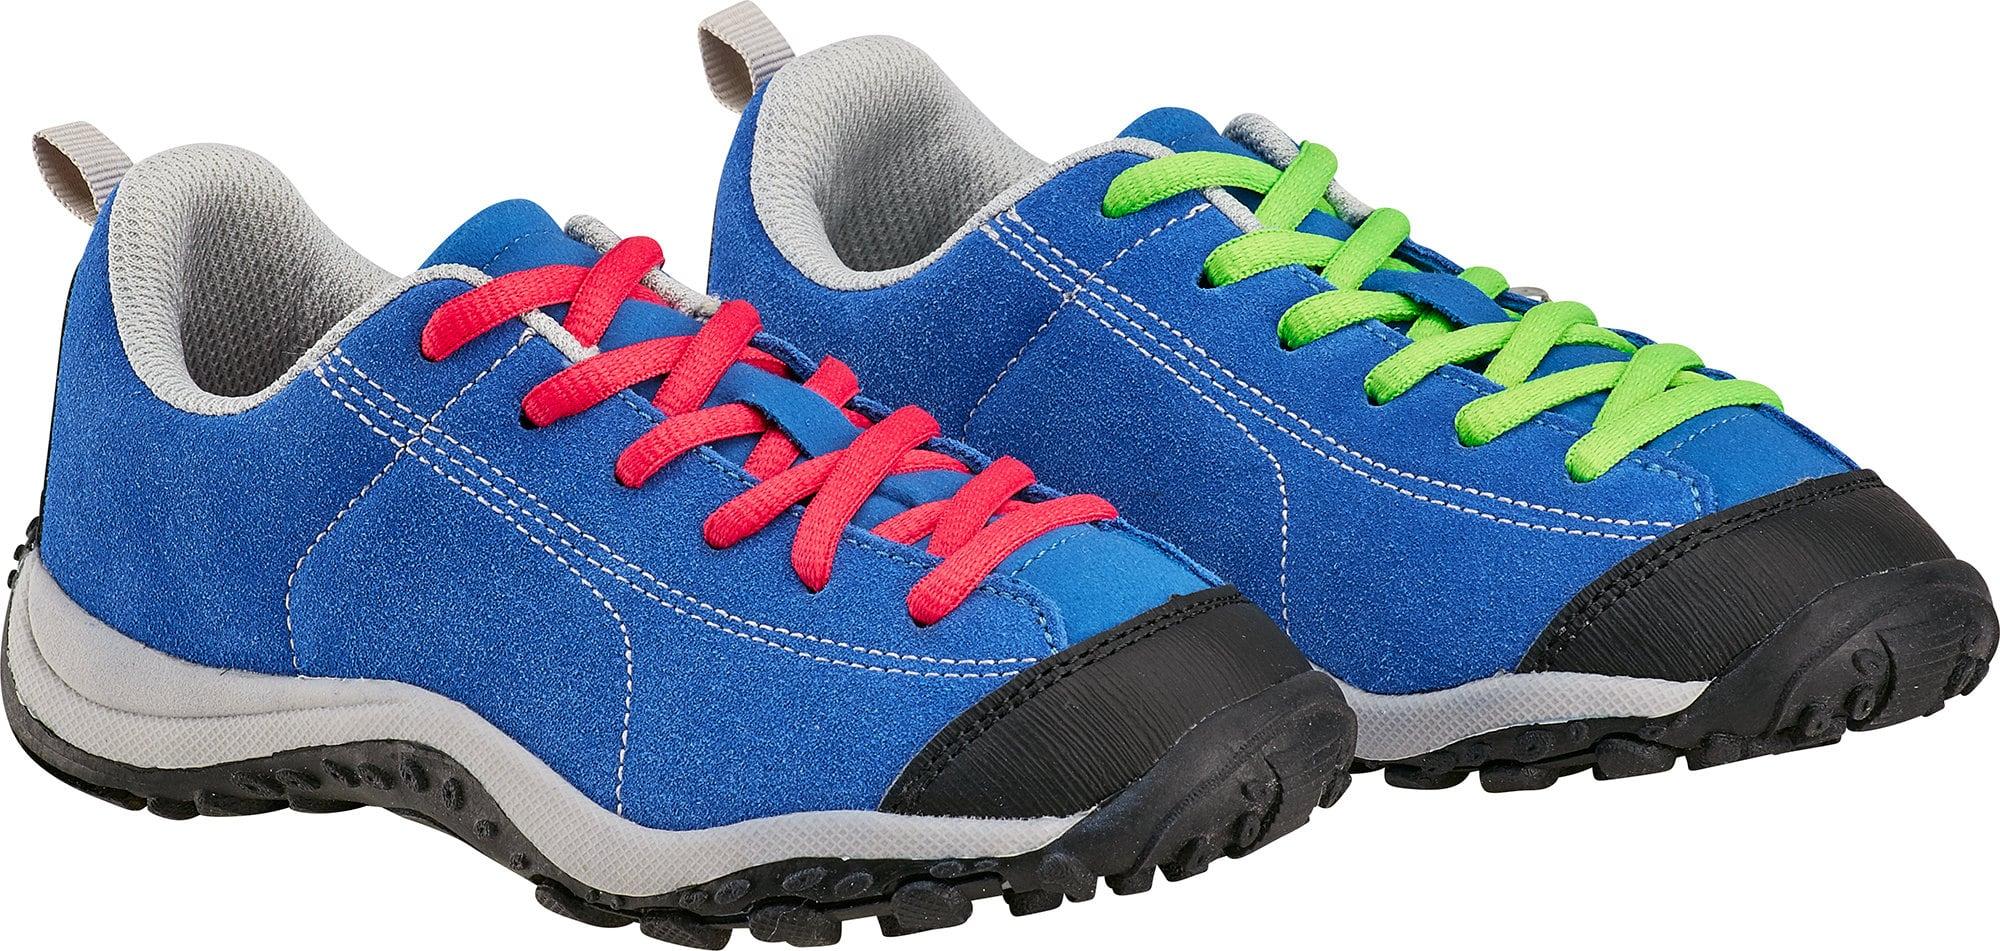 Trevolution Yorkton Low Chaussures polyvalentes pour enfant